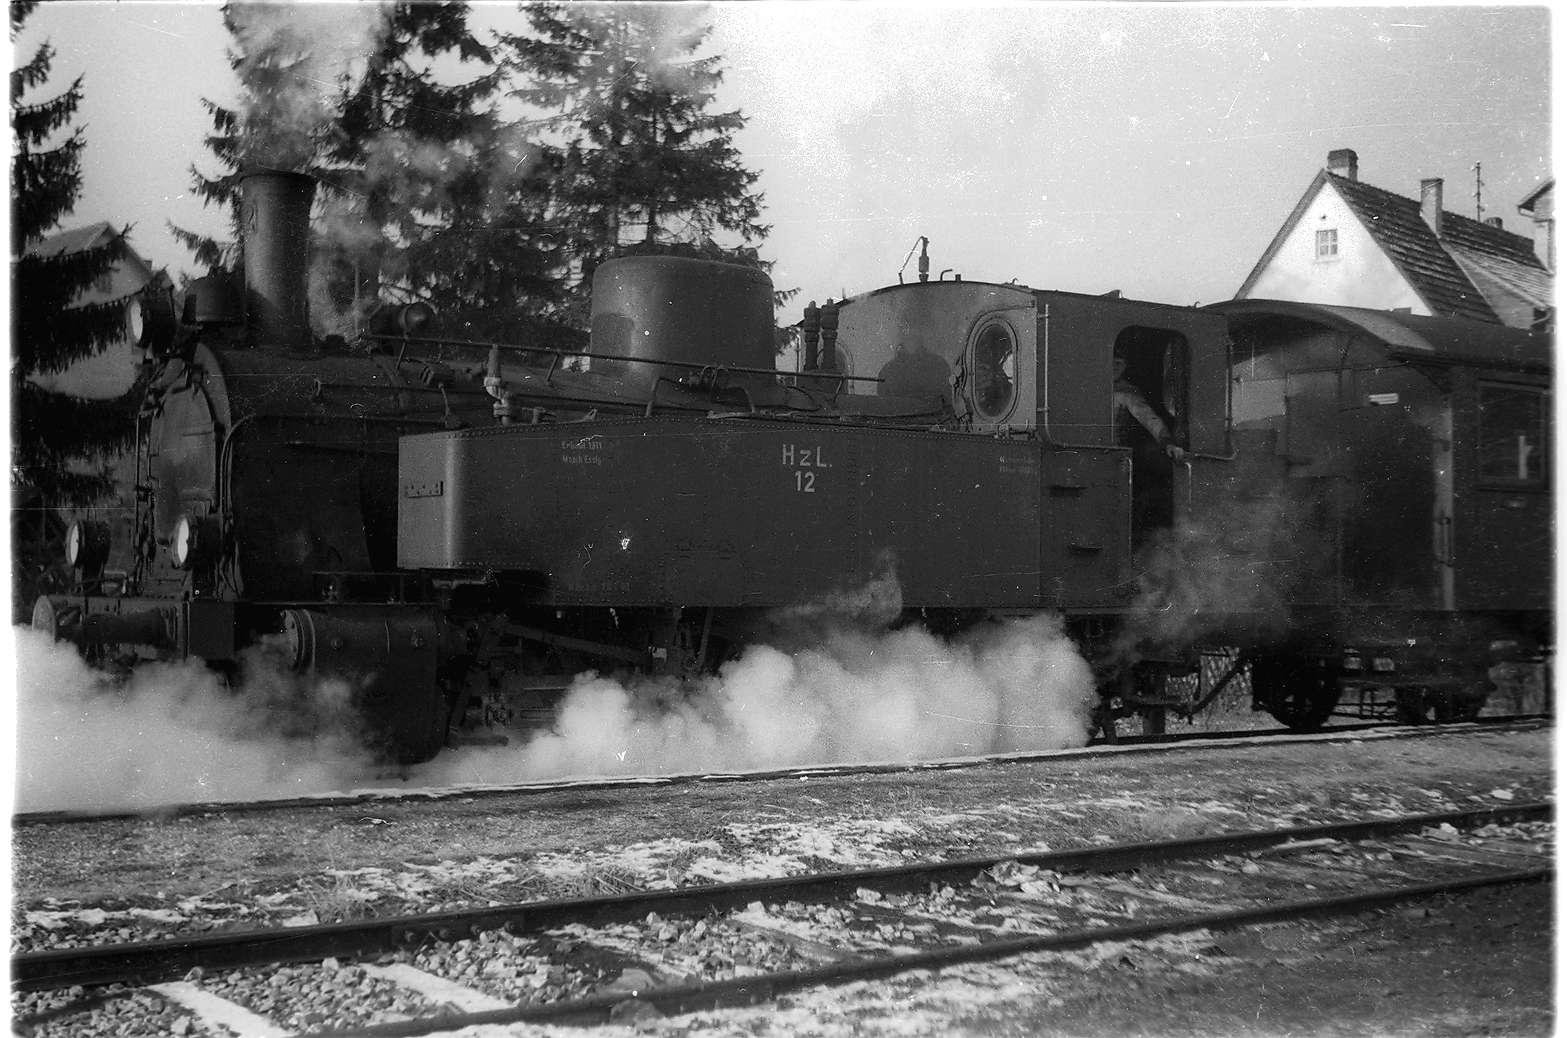 Bahnhof Trochtelfingen, Lok 12, Oberheizer Fabian Eisele (1910 - 1973) öffnet die Schlammhähne, Dampflok 12 darf nicht unbeaufsichtigt bleiben, Bild 1